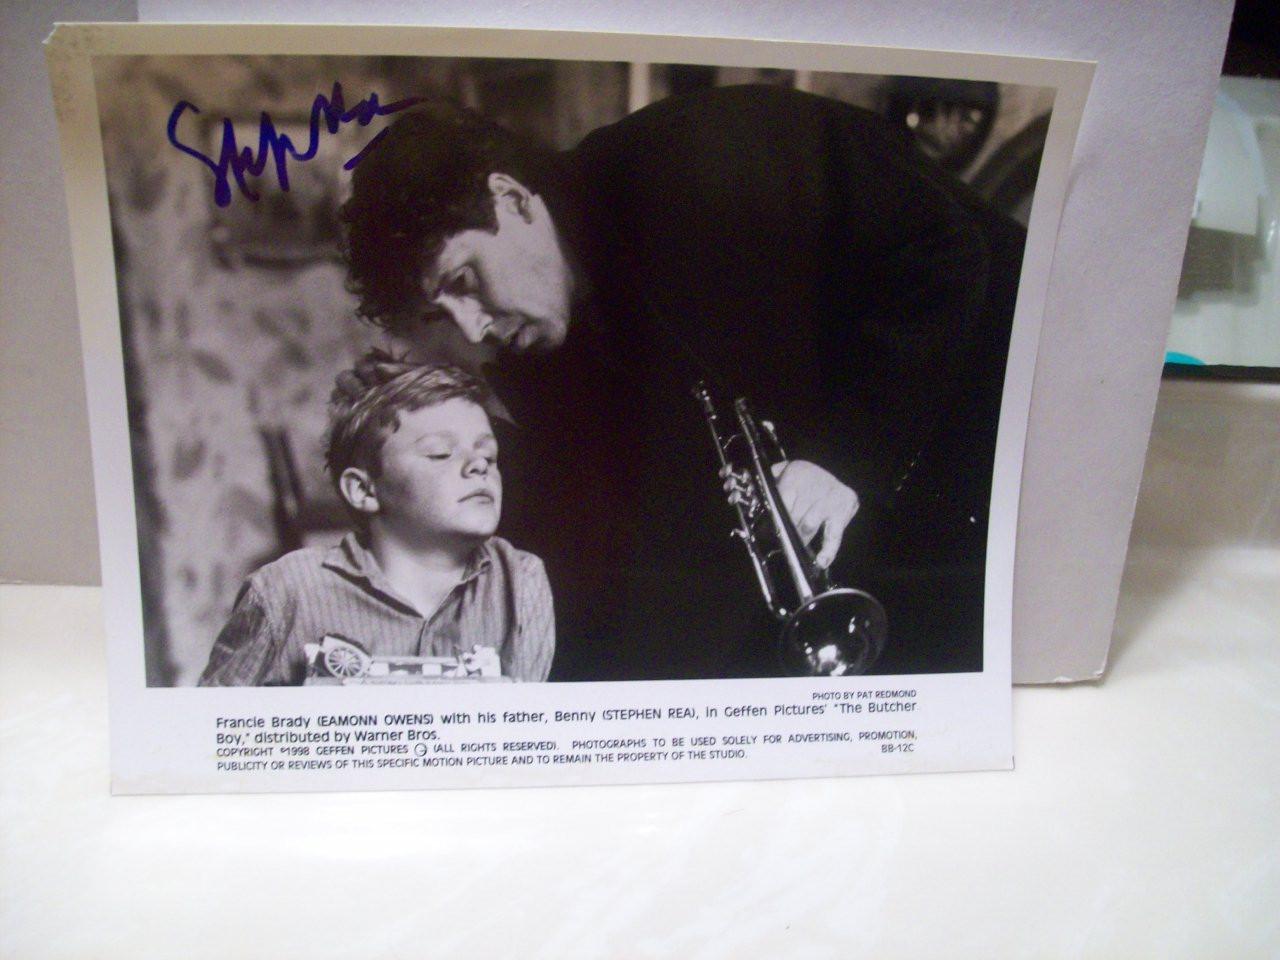 Rea, Stephen Photo Signed Autograph The Butcher Boy 1998